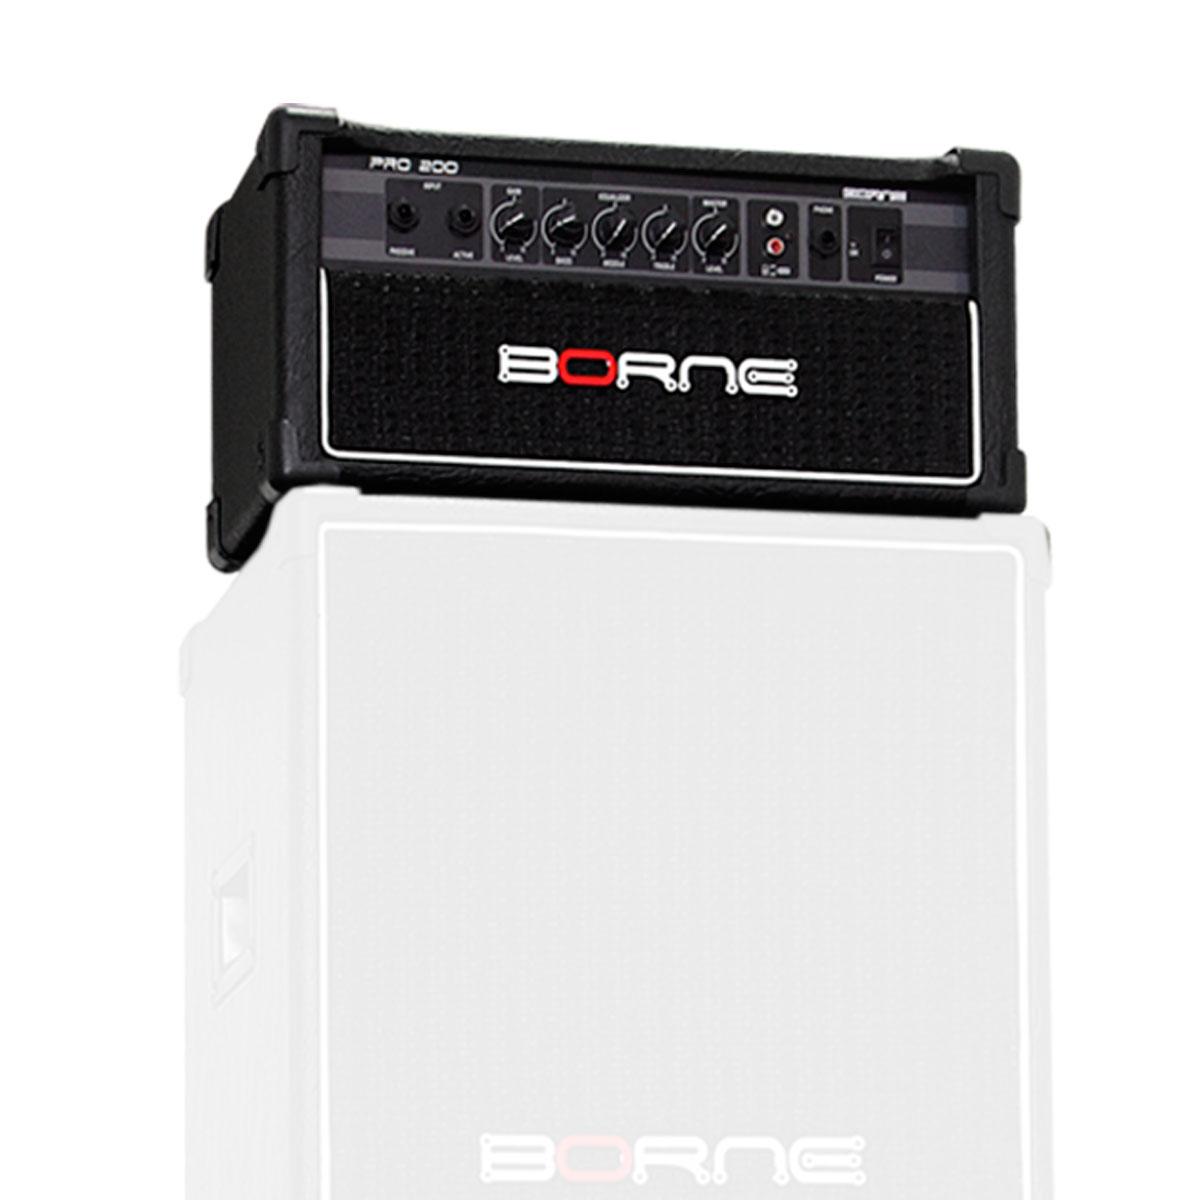 PRO200 - Cabe�ote p/ Contrabaixo 100W PRO 200 - Borne